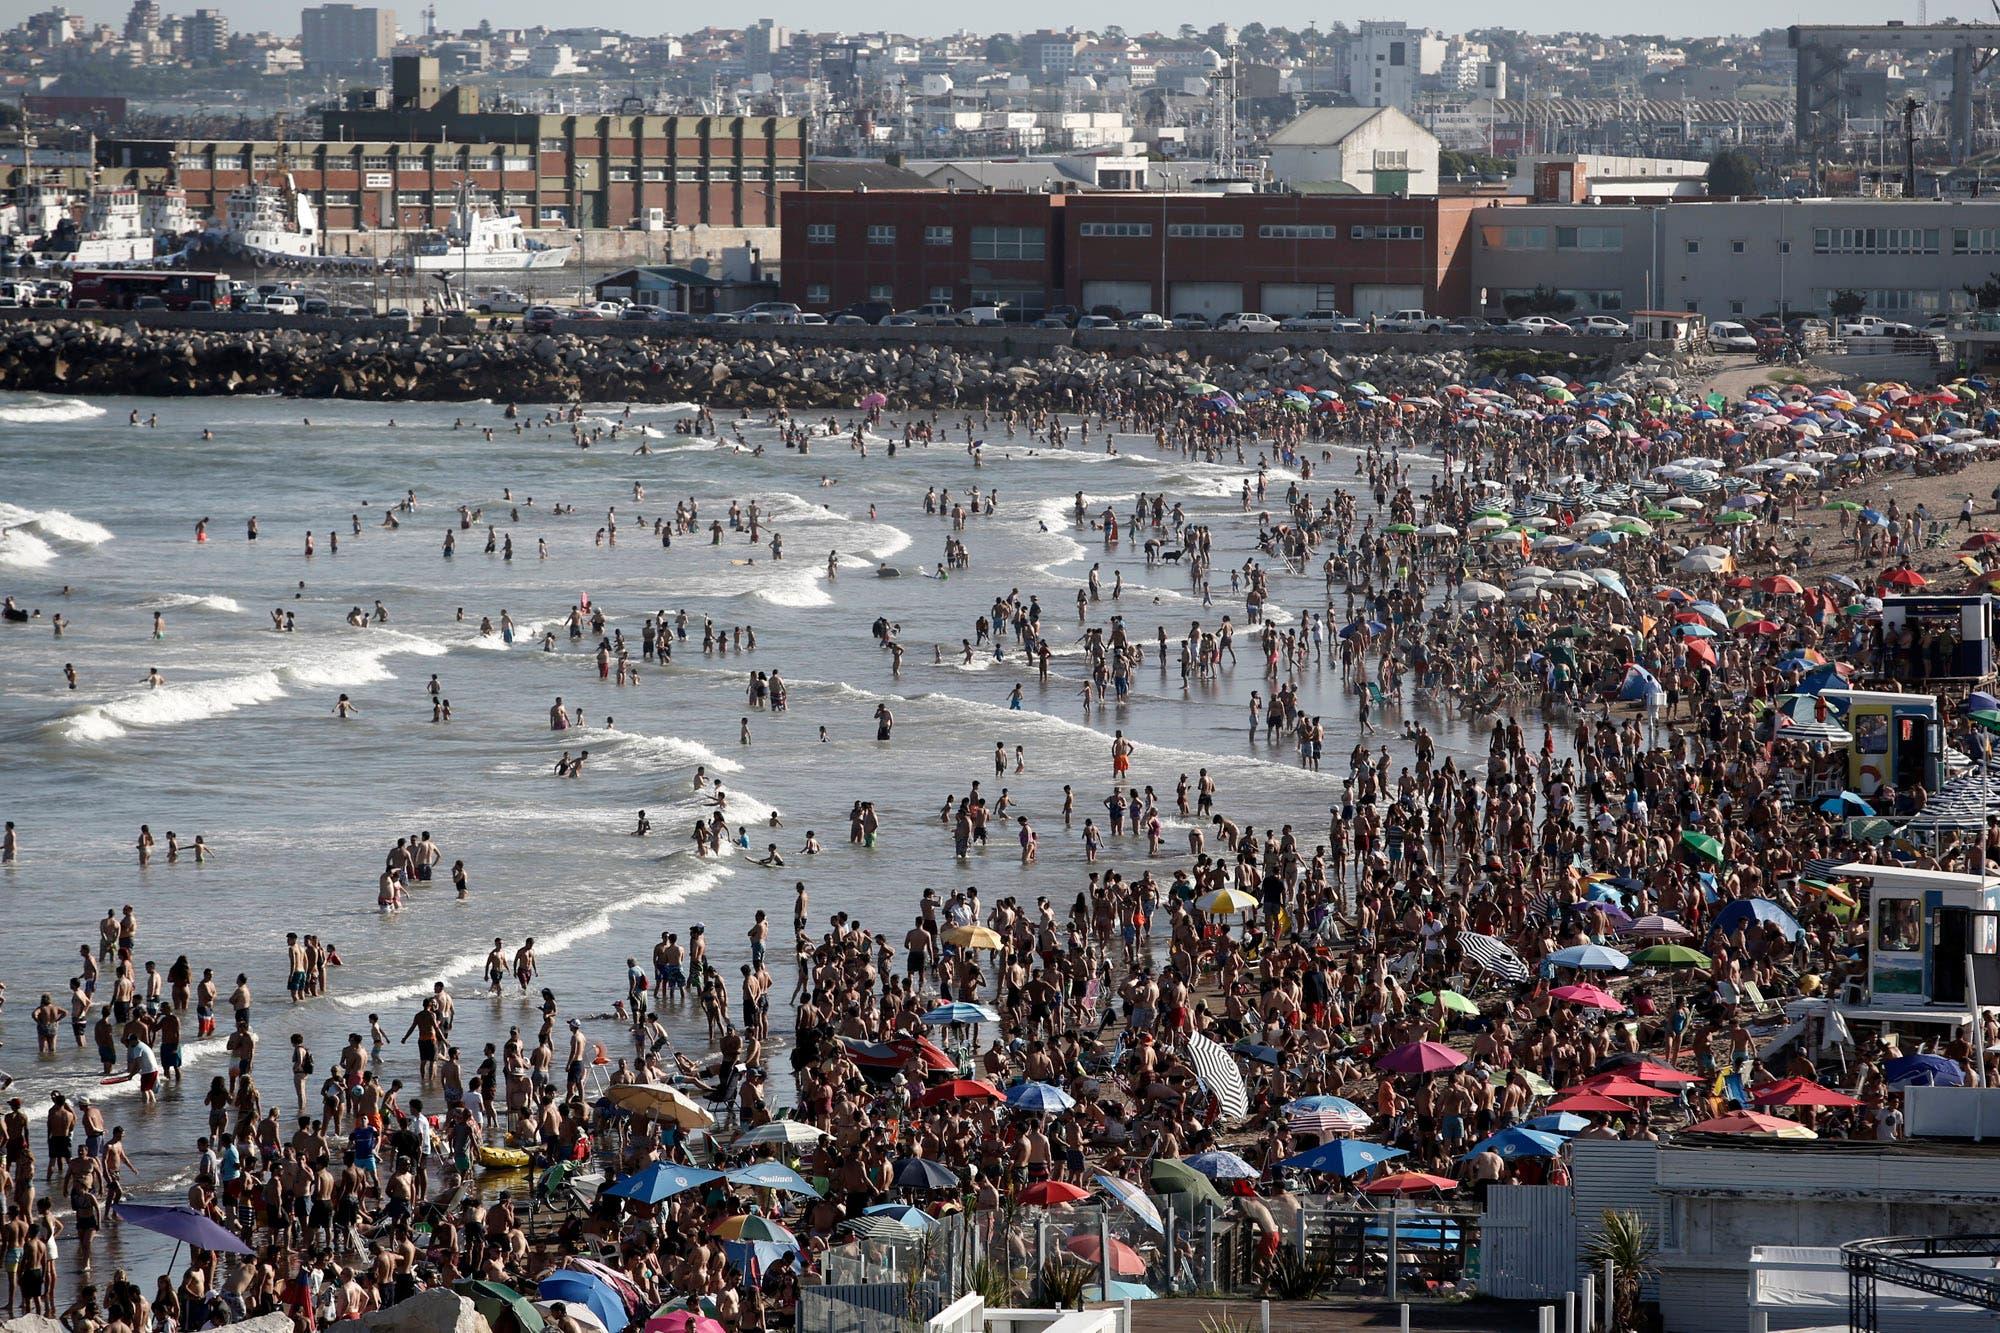 Pleno sol y más de 30 grados en el puntapié inicial de la temporada en Mar del Plata